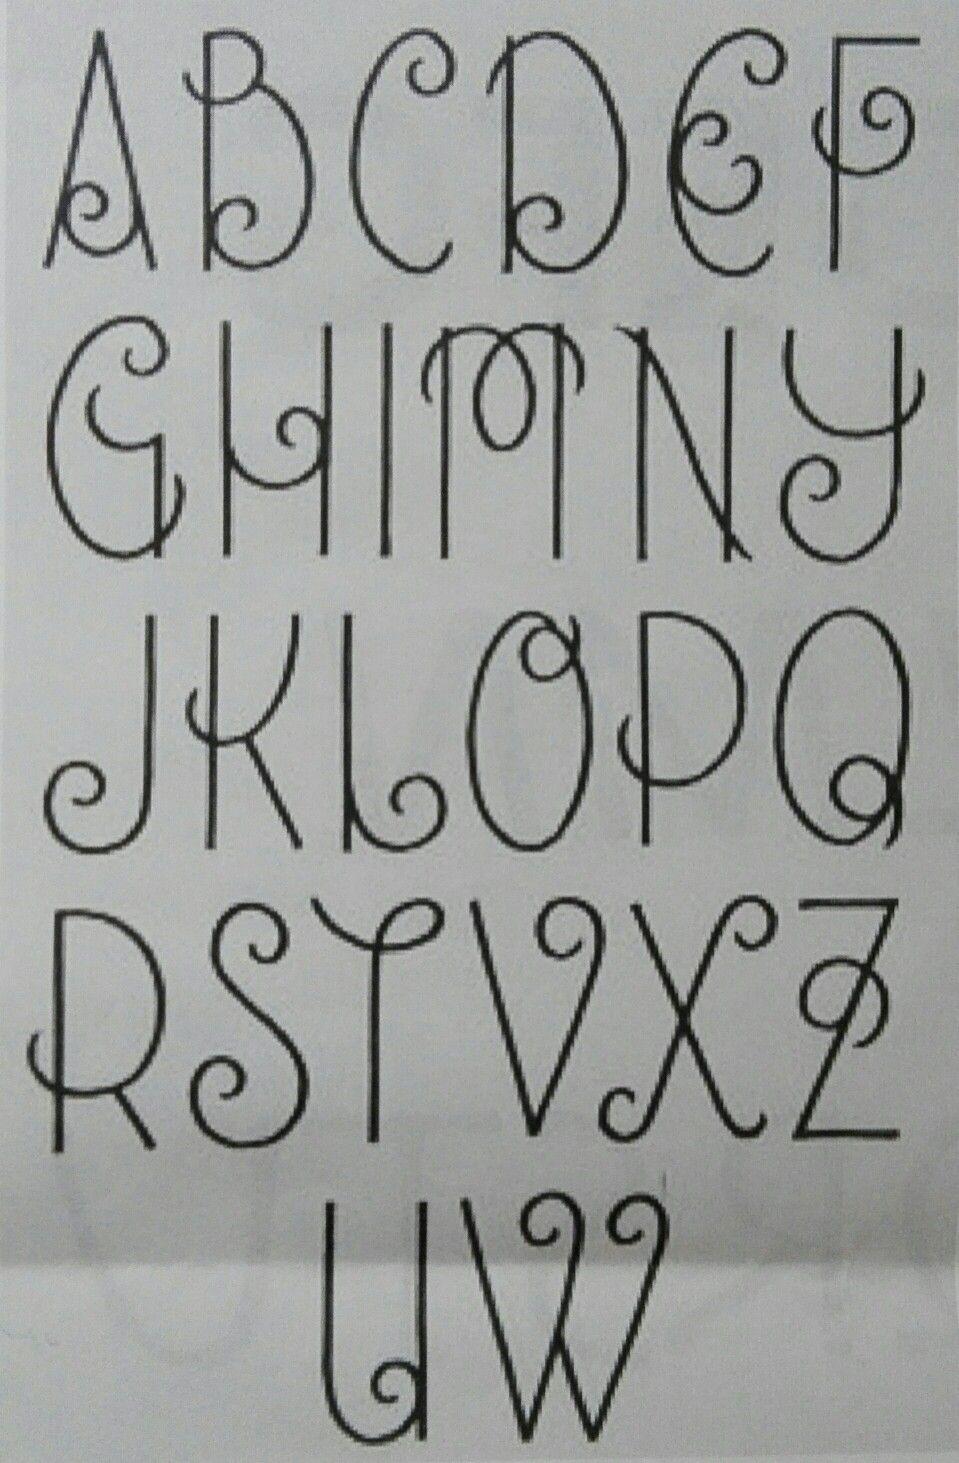 Super Sierlijke letters   Fonts and designs   Pinterest   Bullet  YL16